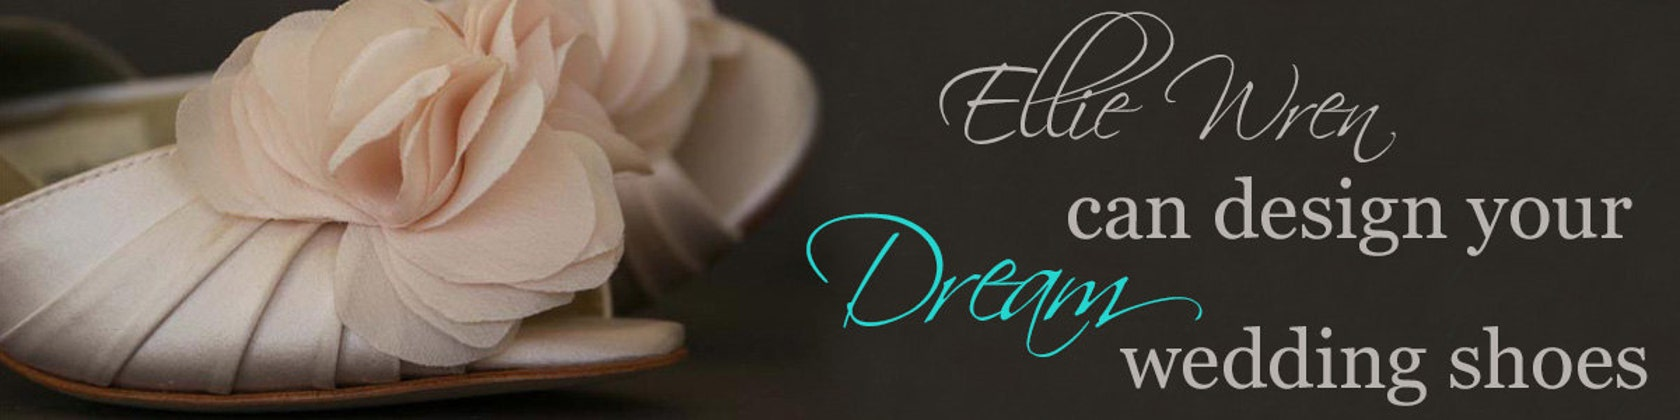 Custom Wedding Shoes Design Your Dream